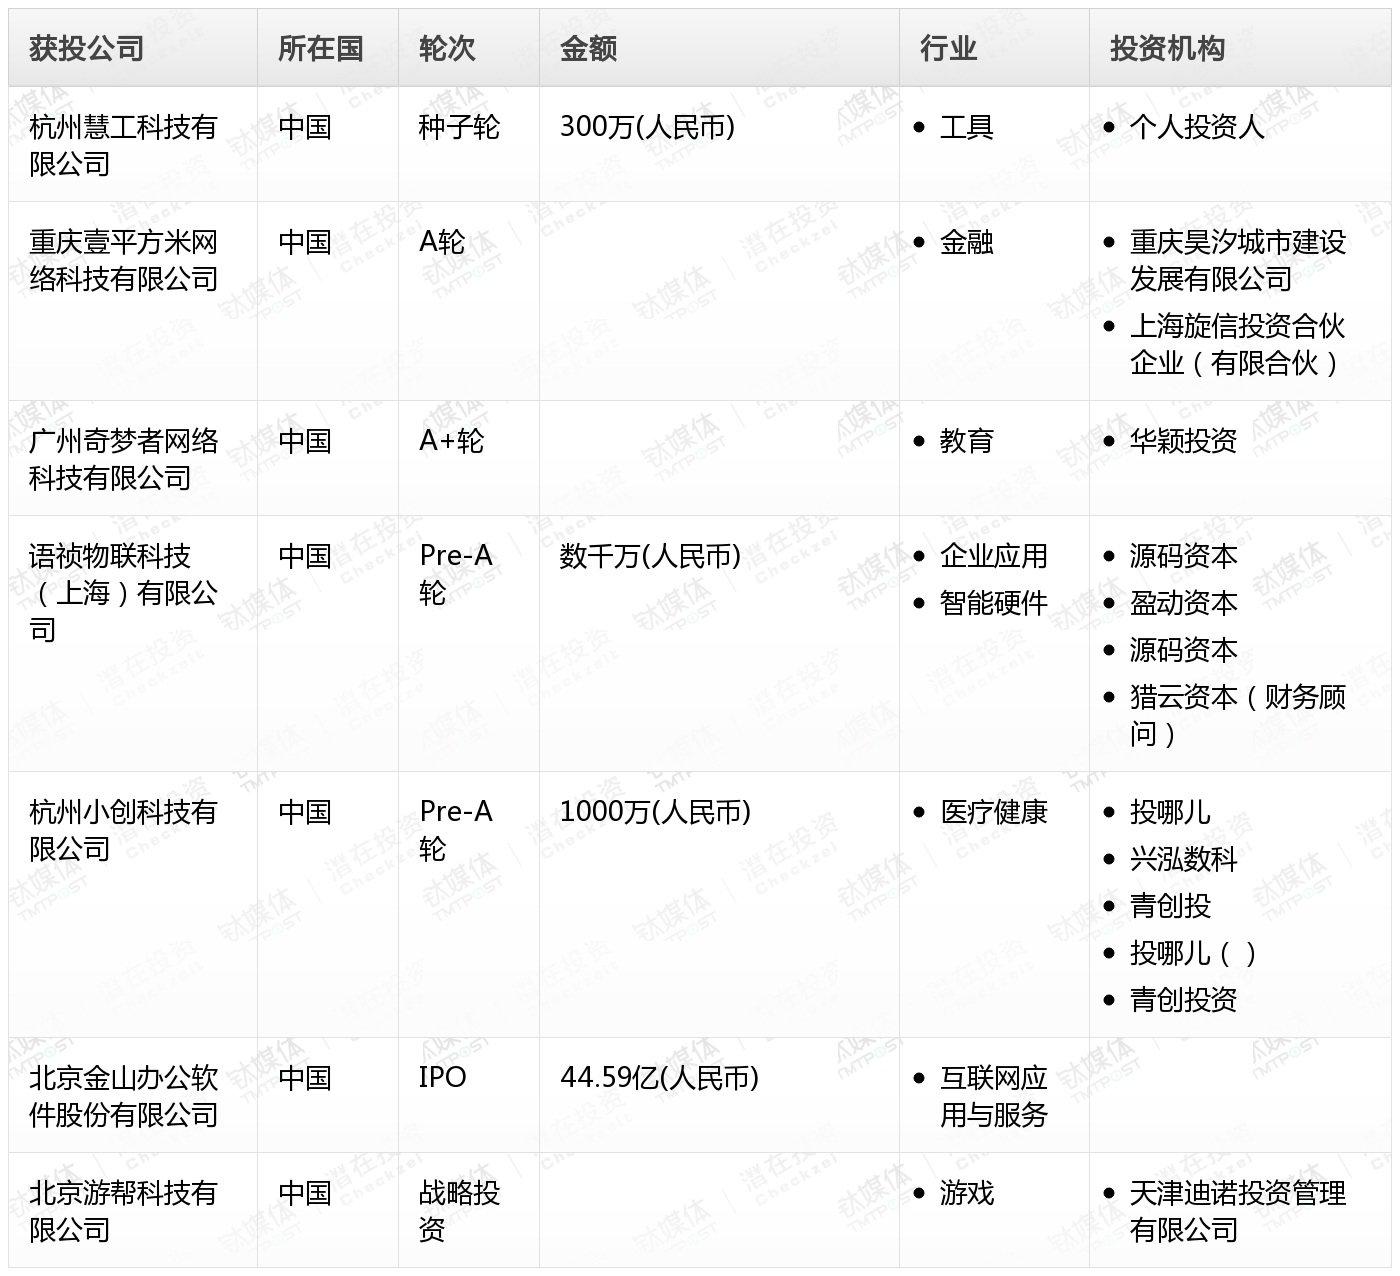 清风猫Pro创投日报:11月18日收录投融资项目7起